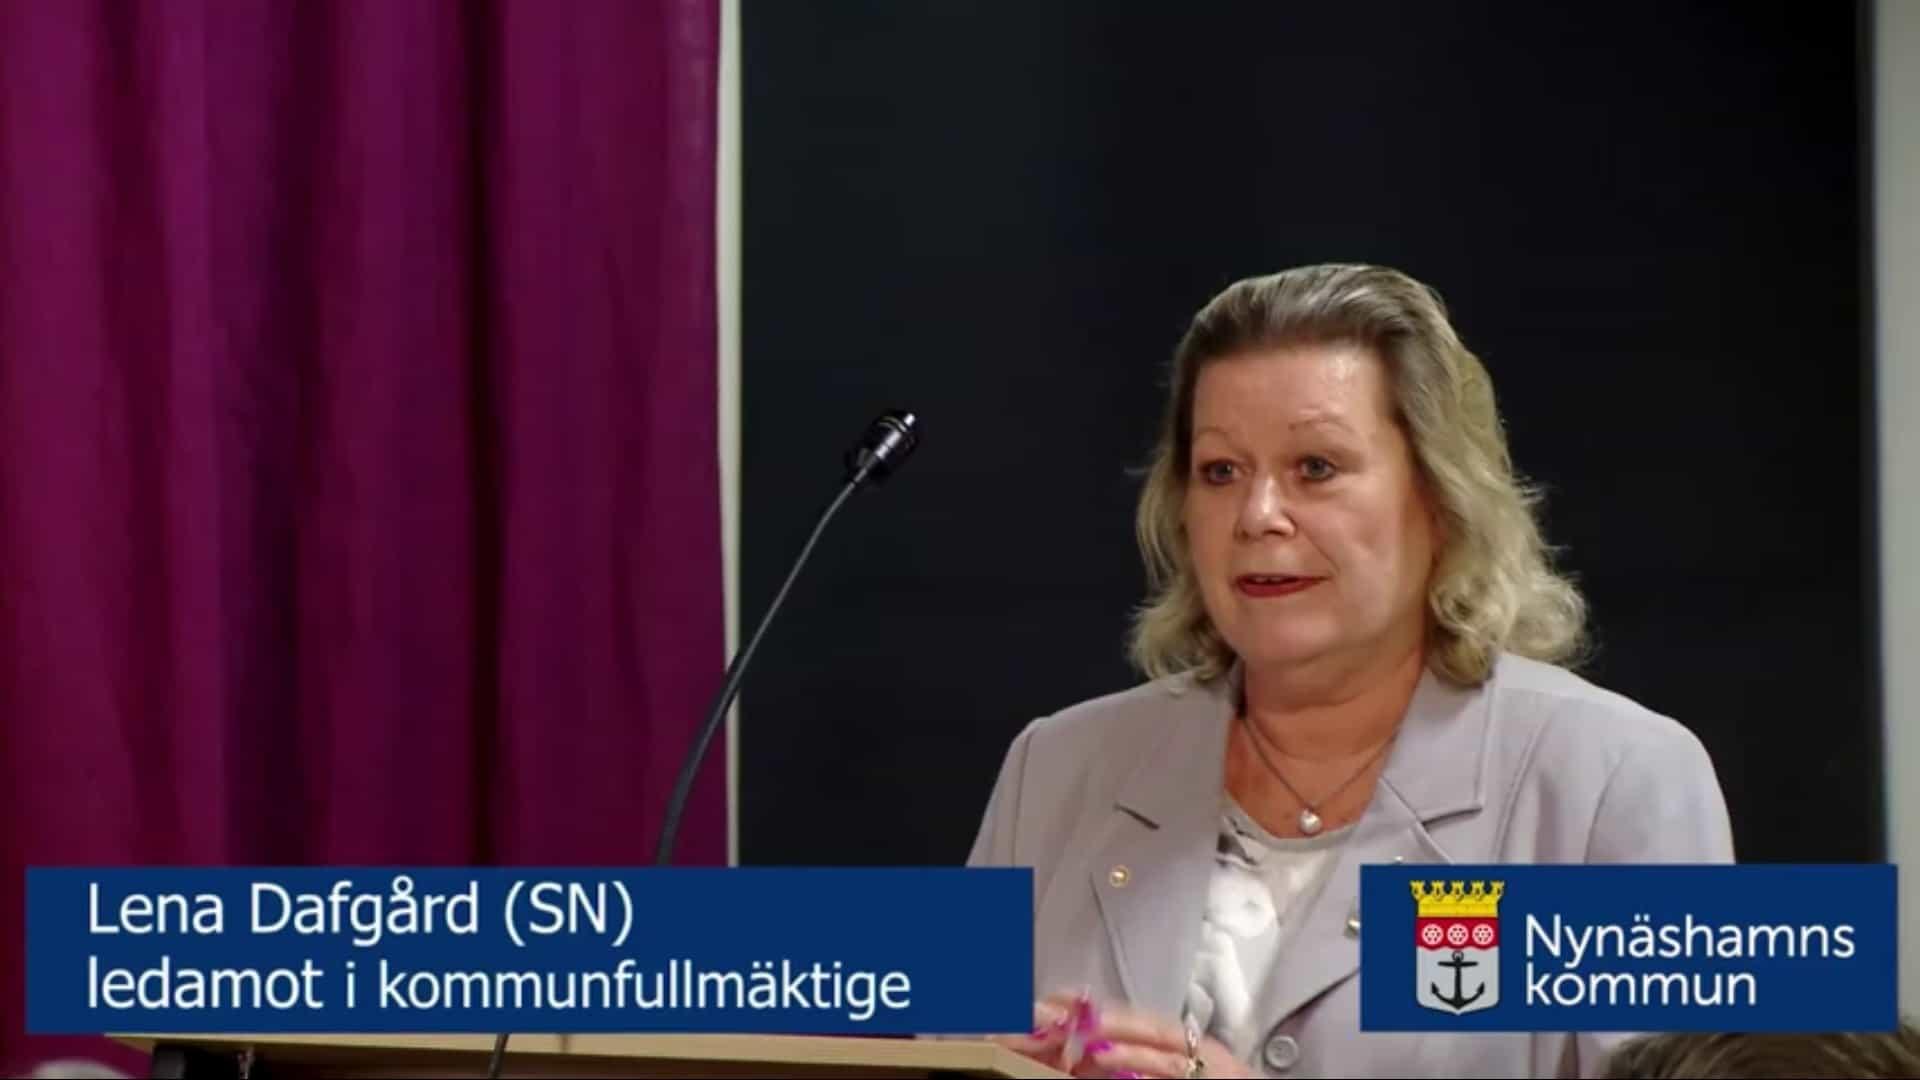 2020-04-16 - Debatt om Sunnerby förskola och Sunnerbyskolan! - Snabbare inflyttning, bättre kvalitet och bättre ekonomi med moduler.